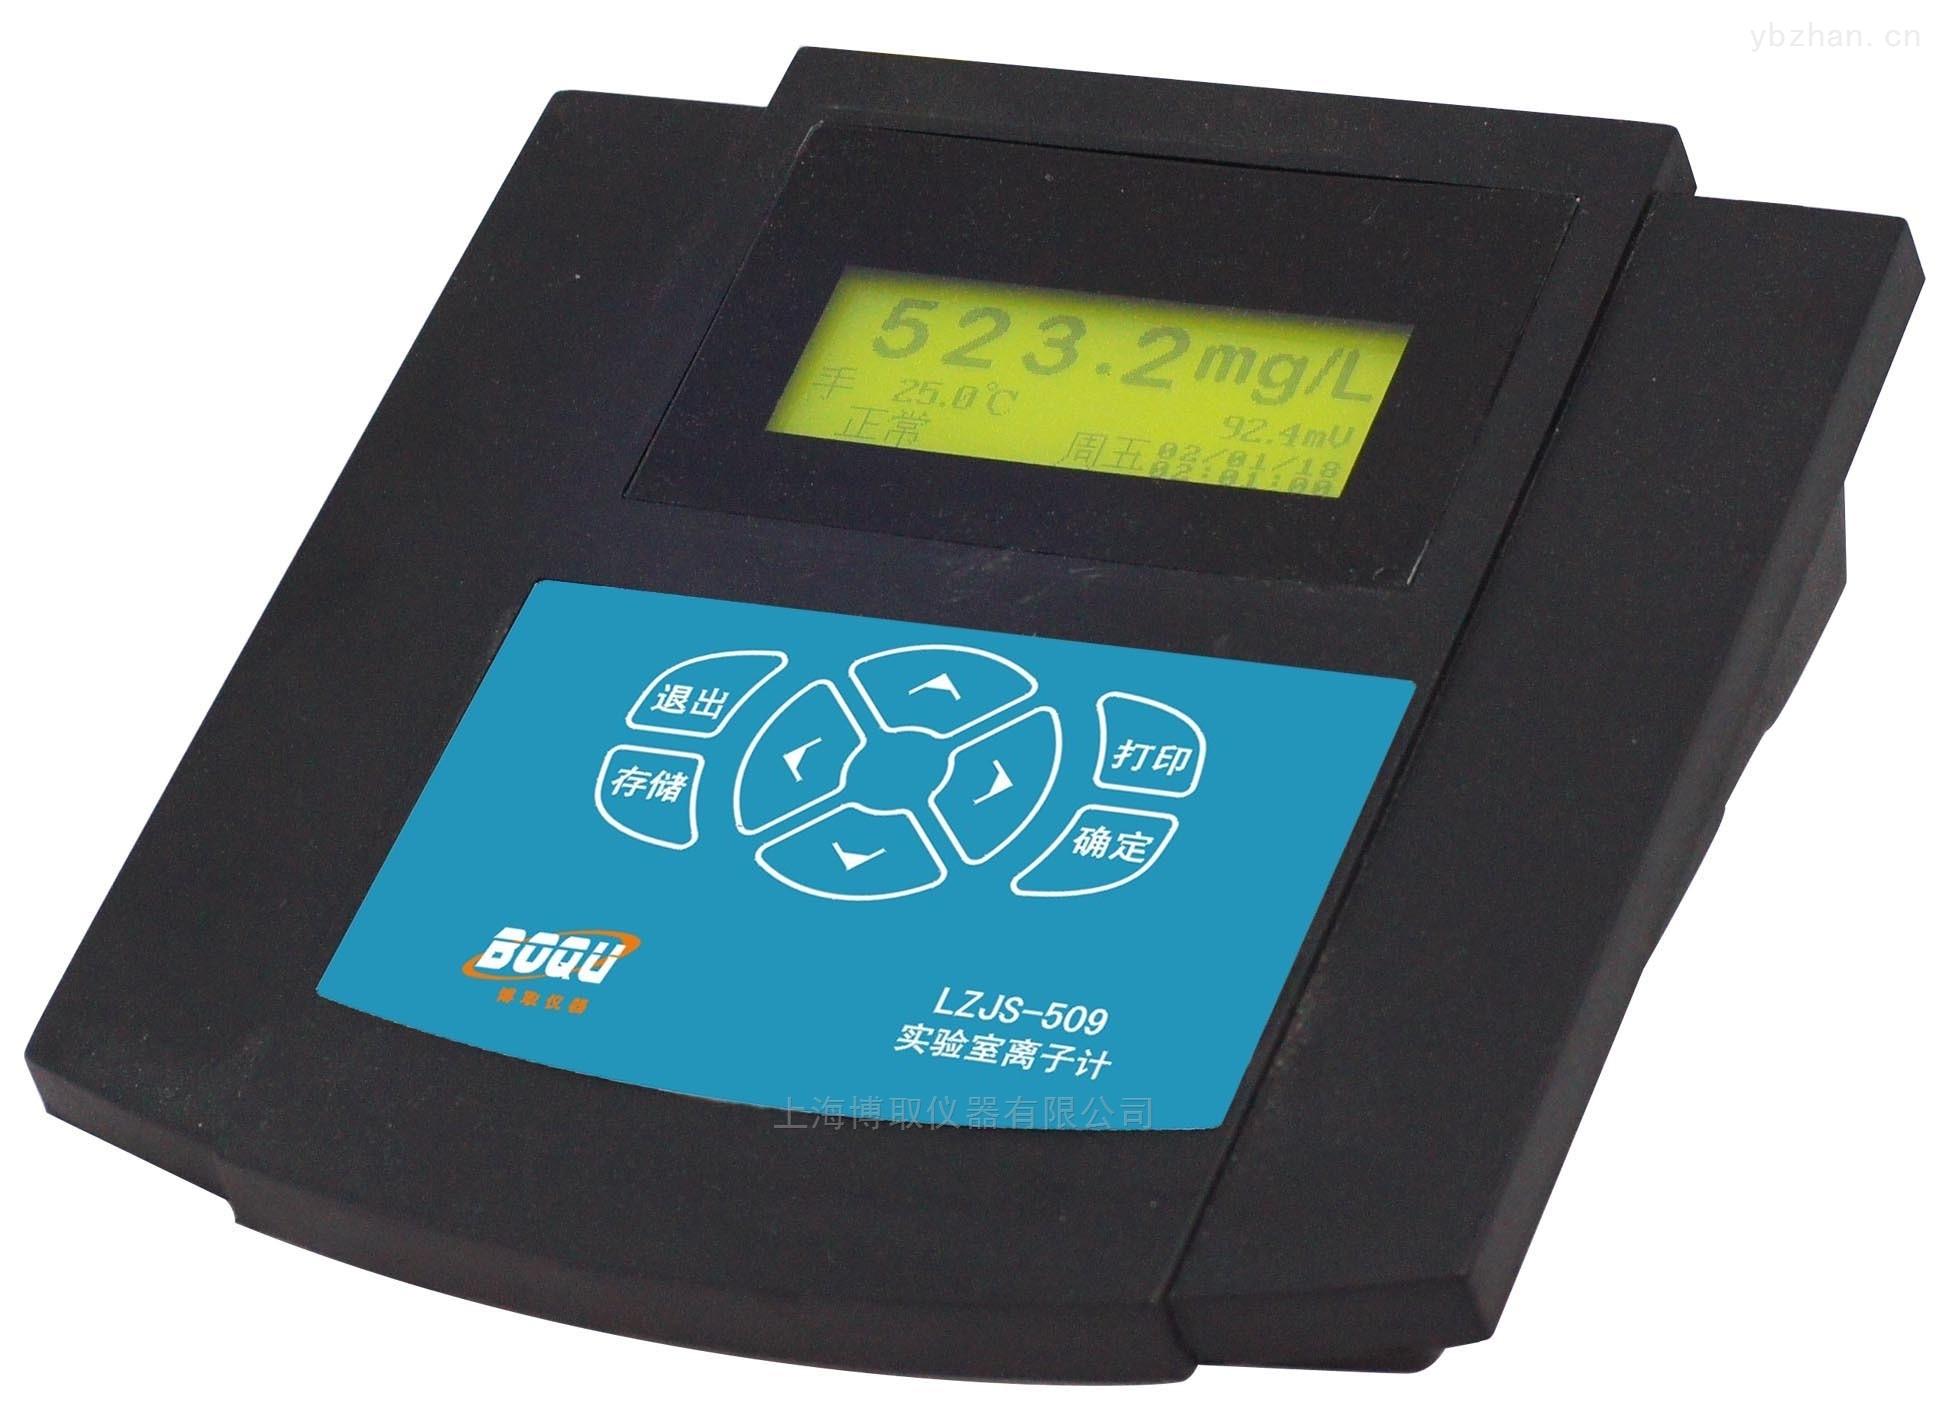 用于脱硫脱硝和固废处理的氯离子检测仪